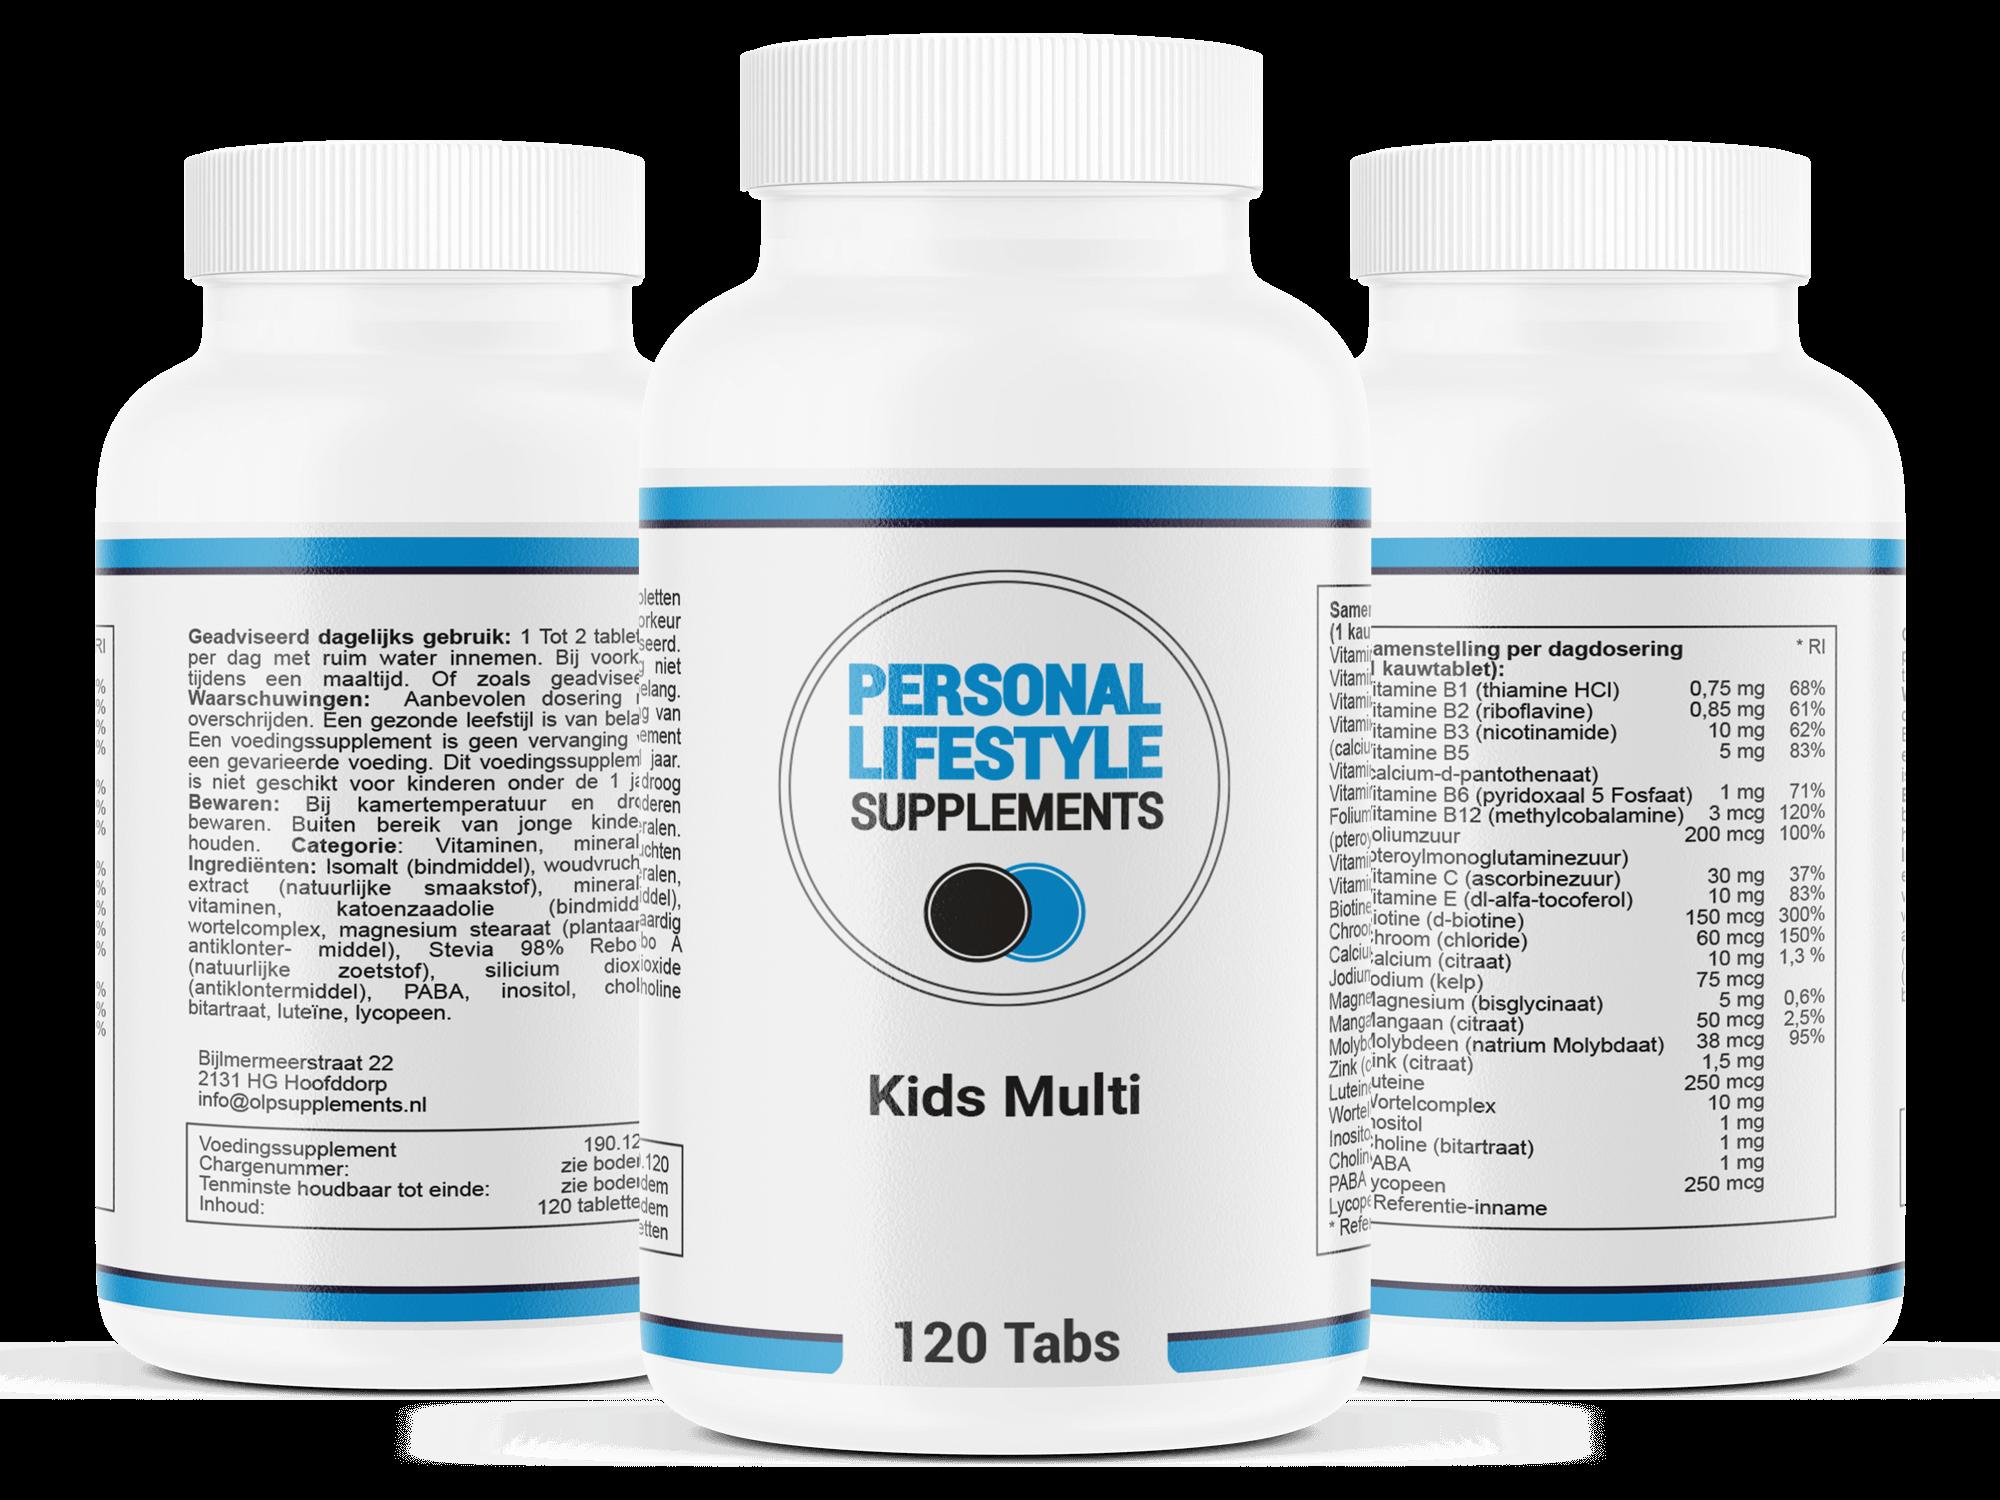 Kinder-vitamines-mineralen-voor-kinderen-supplementen-voor-gezonde-leefstijl-kinder-multivitamine-kauwtabletten